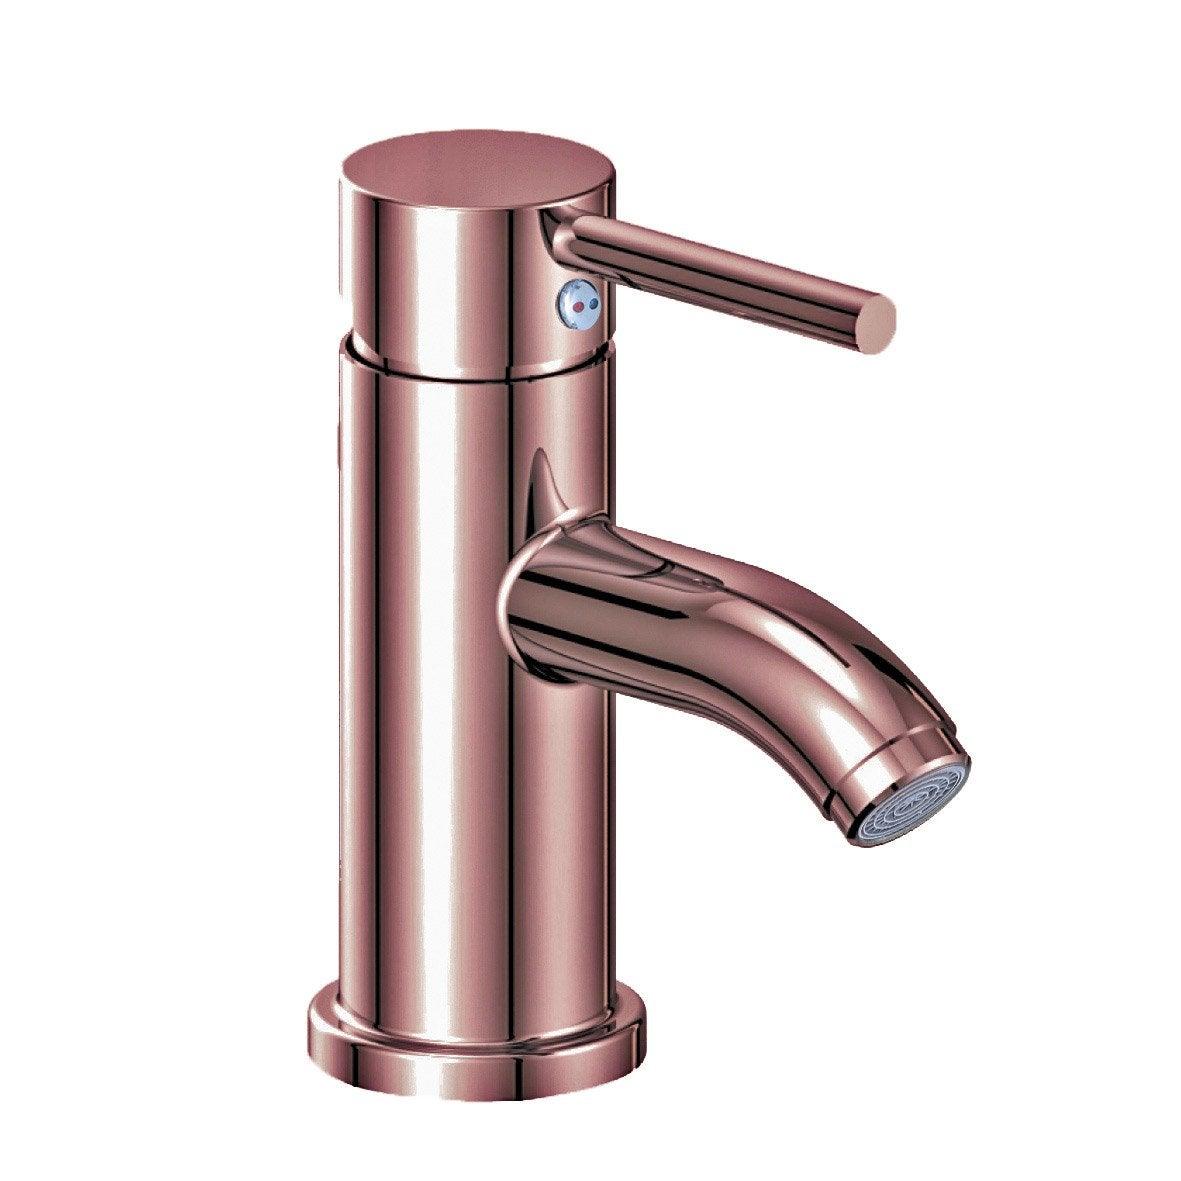 robinet lavabo latest mitigeur de lavabo robinet lavabo. Black Bedroom Furniture Sets. Home Design Ideas